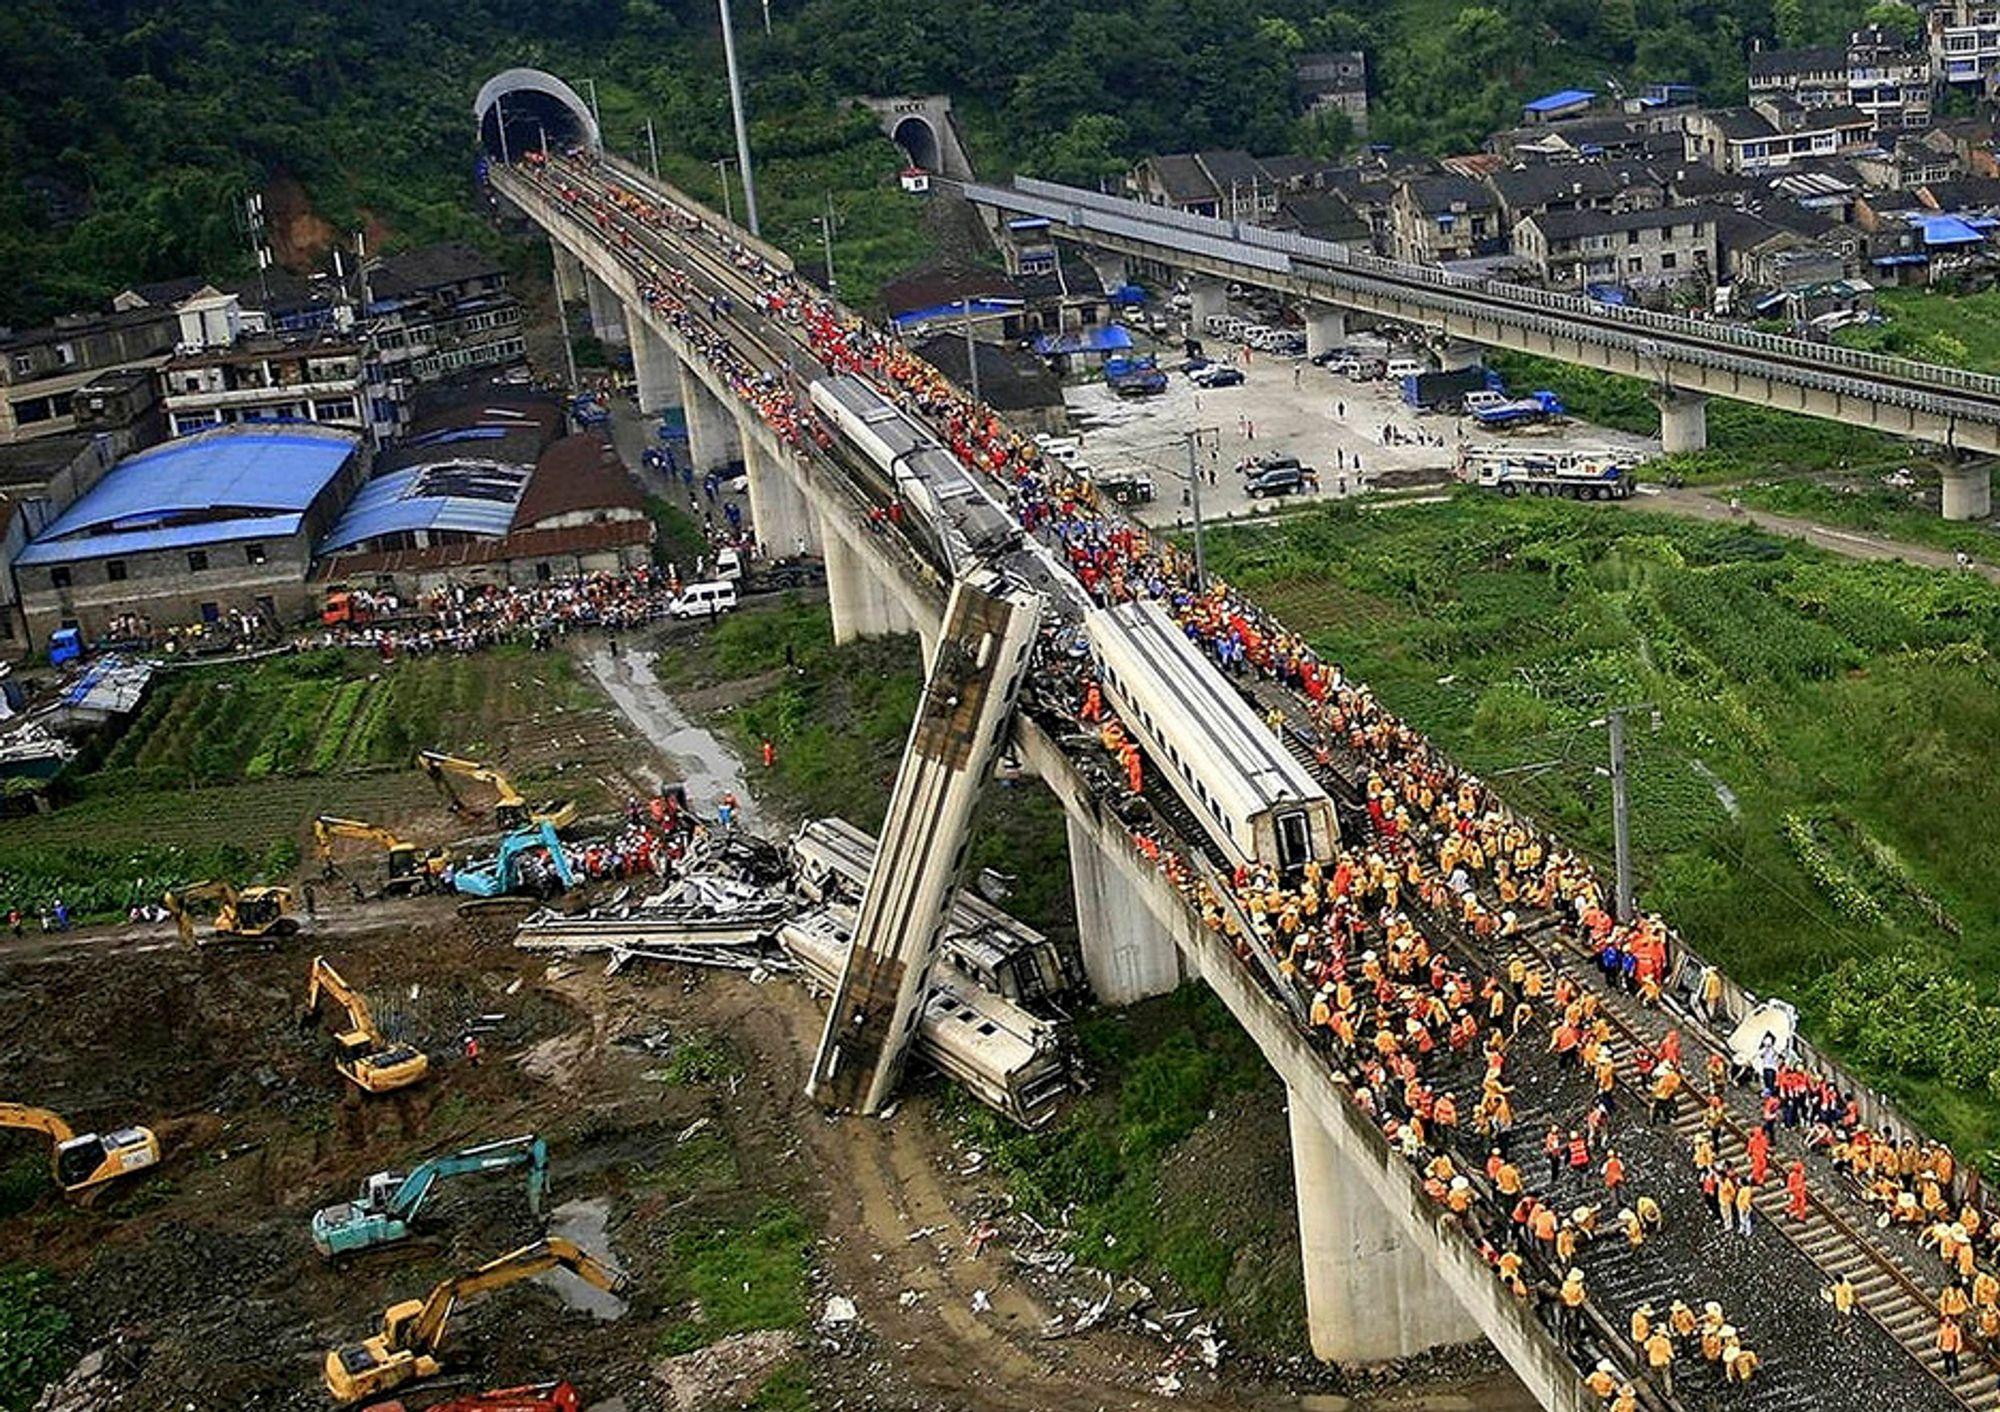 SKAPER BEKYMRING: Kinesiske redningsarbeidere jobbet rundt de vrakede togvognene søndag. Kollisjonen mellom de to høyhastighetstogene får på nytt debatten rundt sikkerheten på det stadig mer omfattende høyhastighetsnettet i landet til å blusse opp.